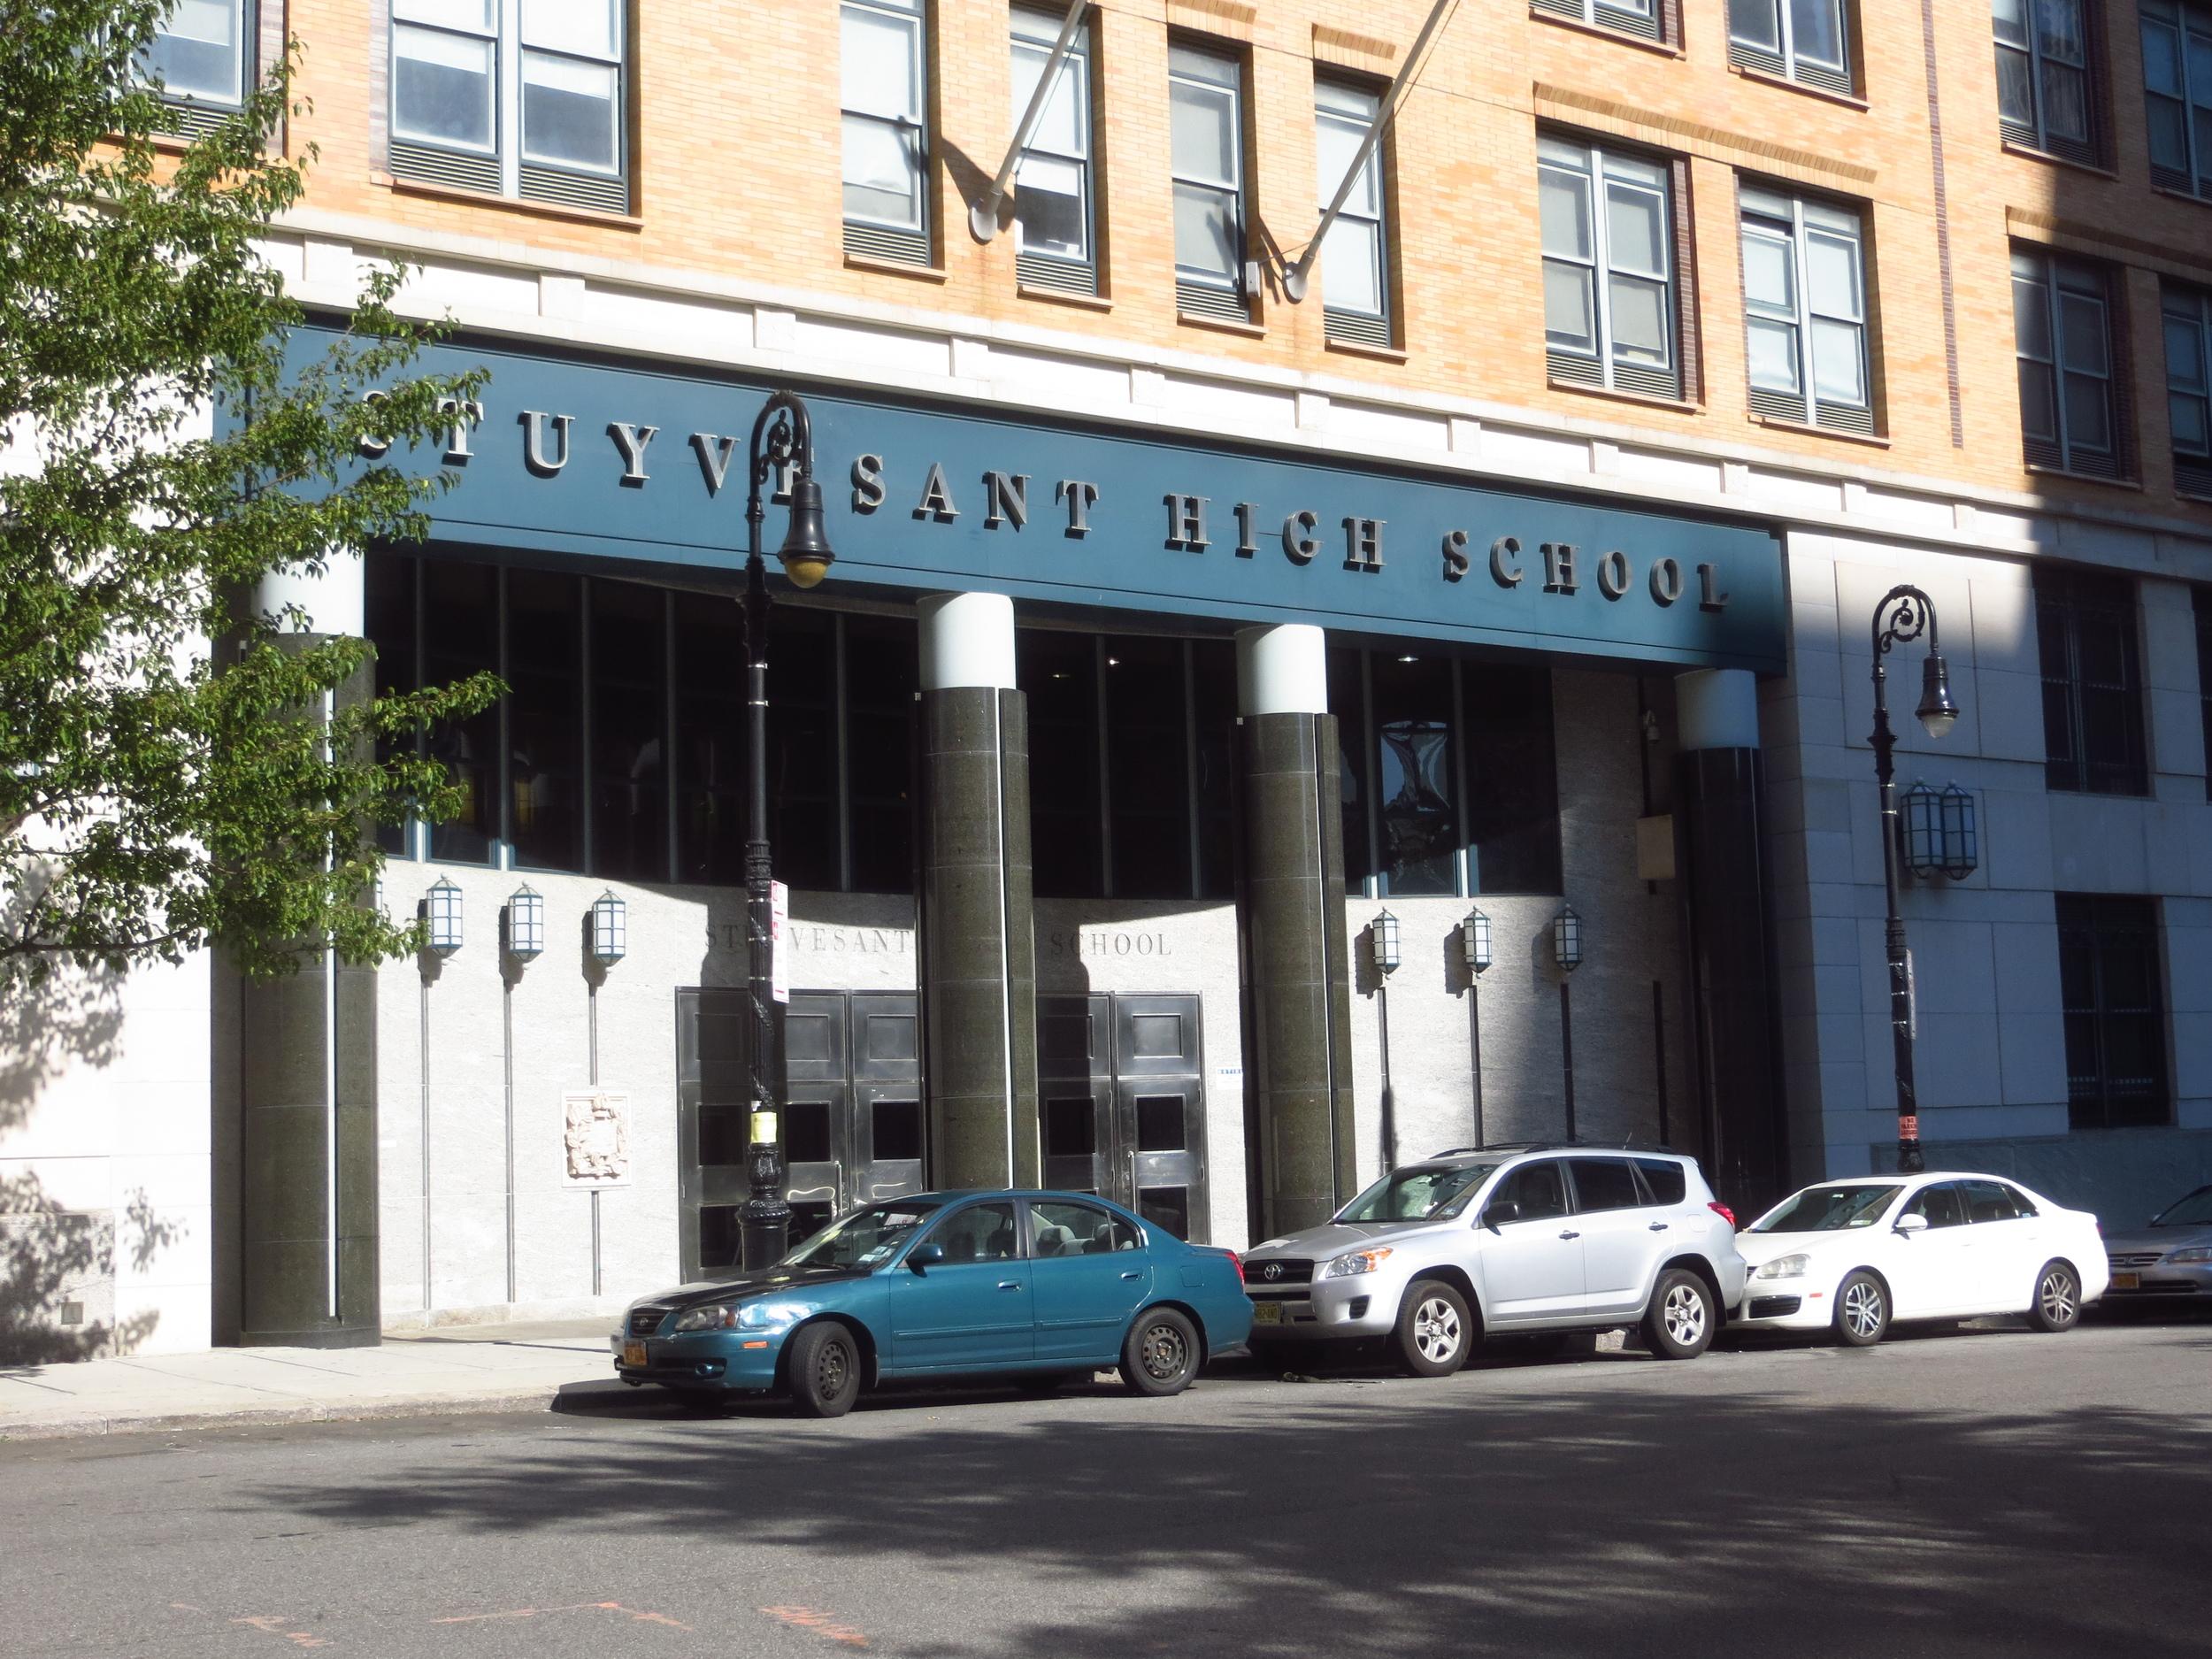 #1 Public High School in New York